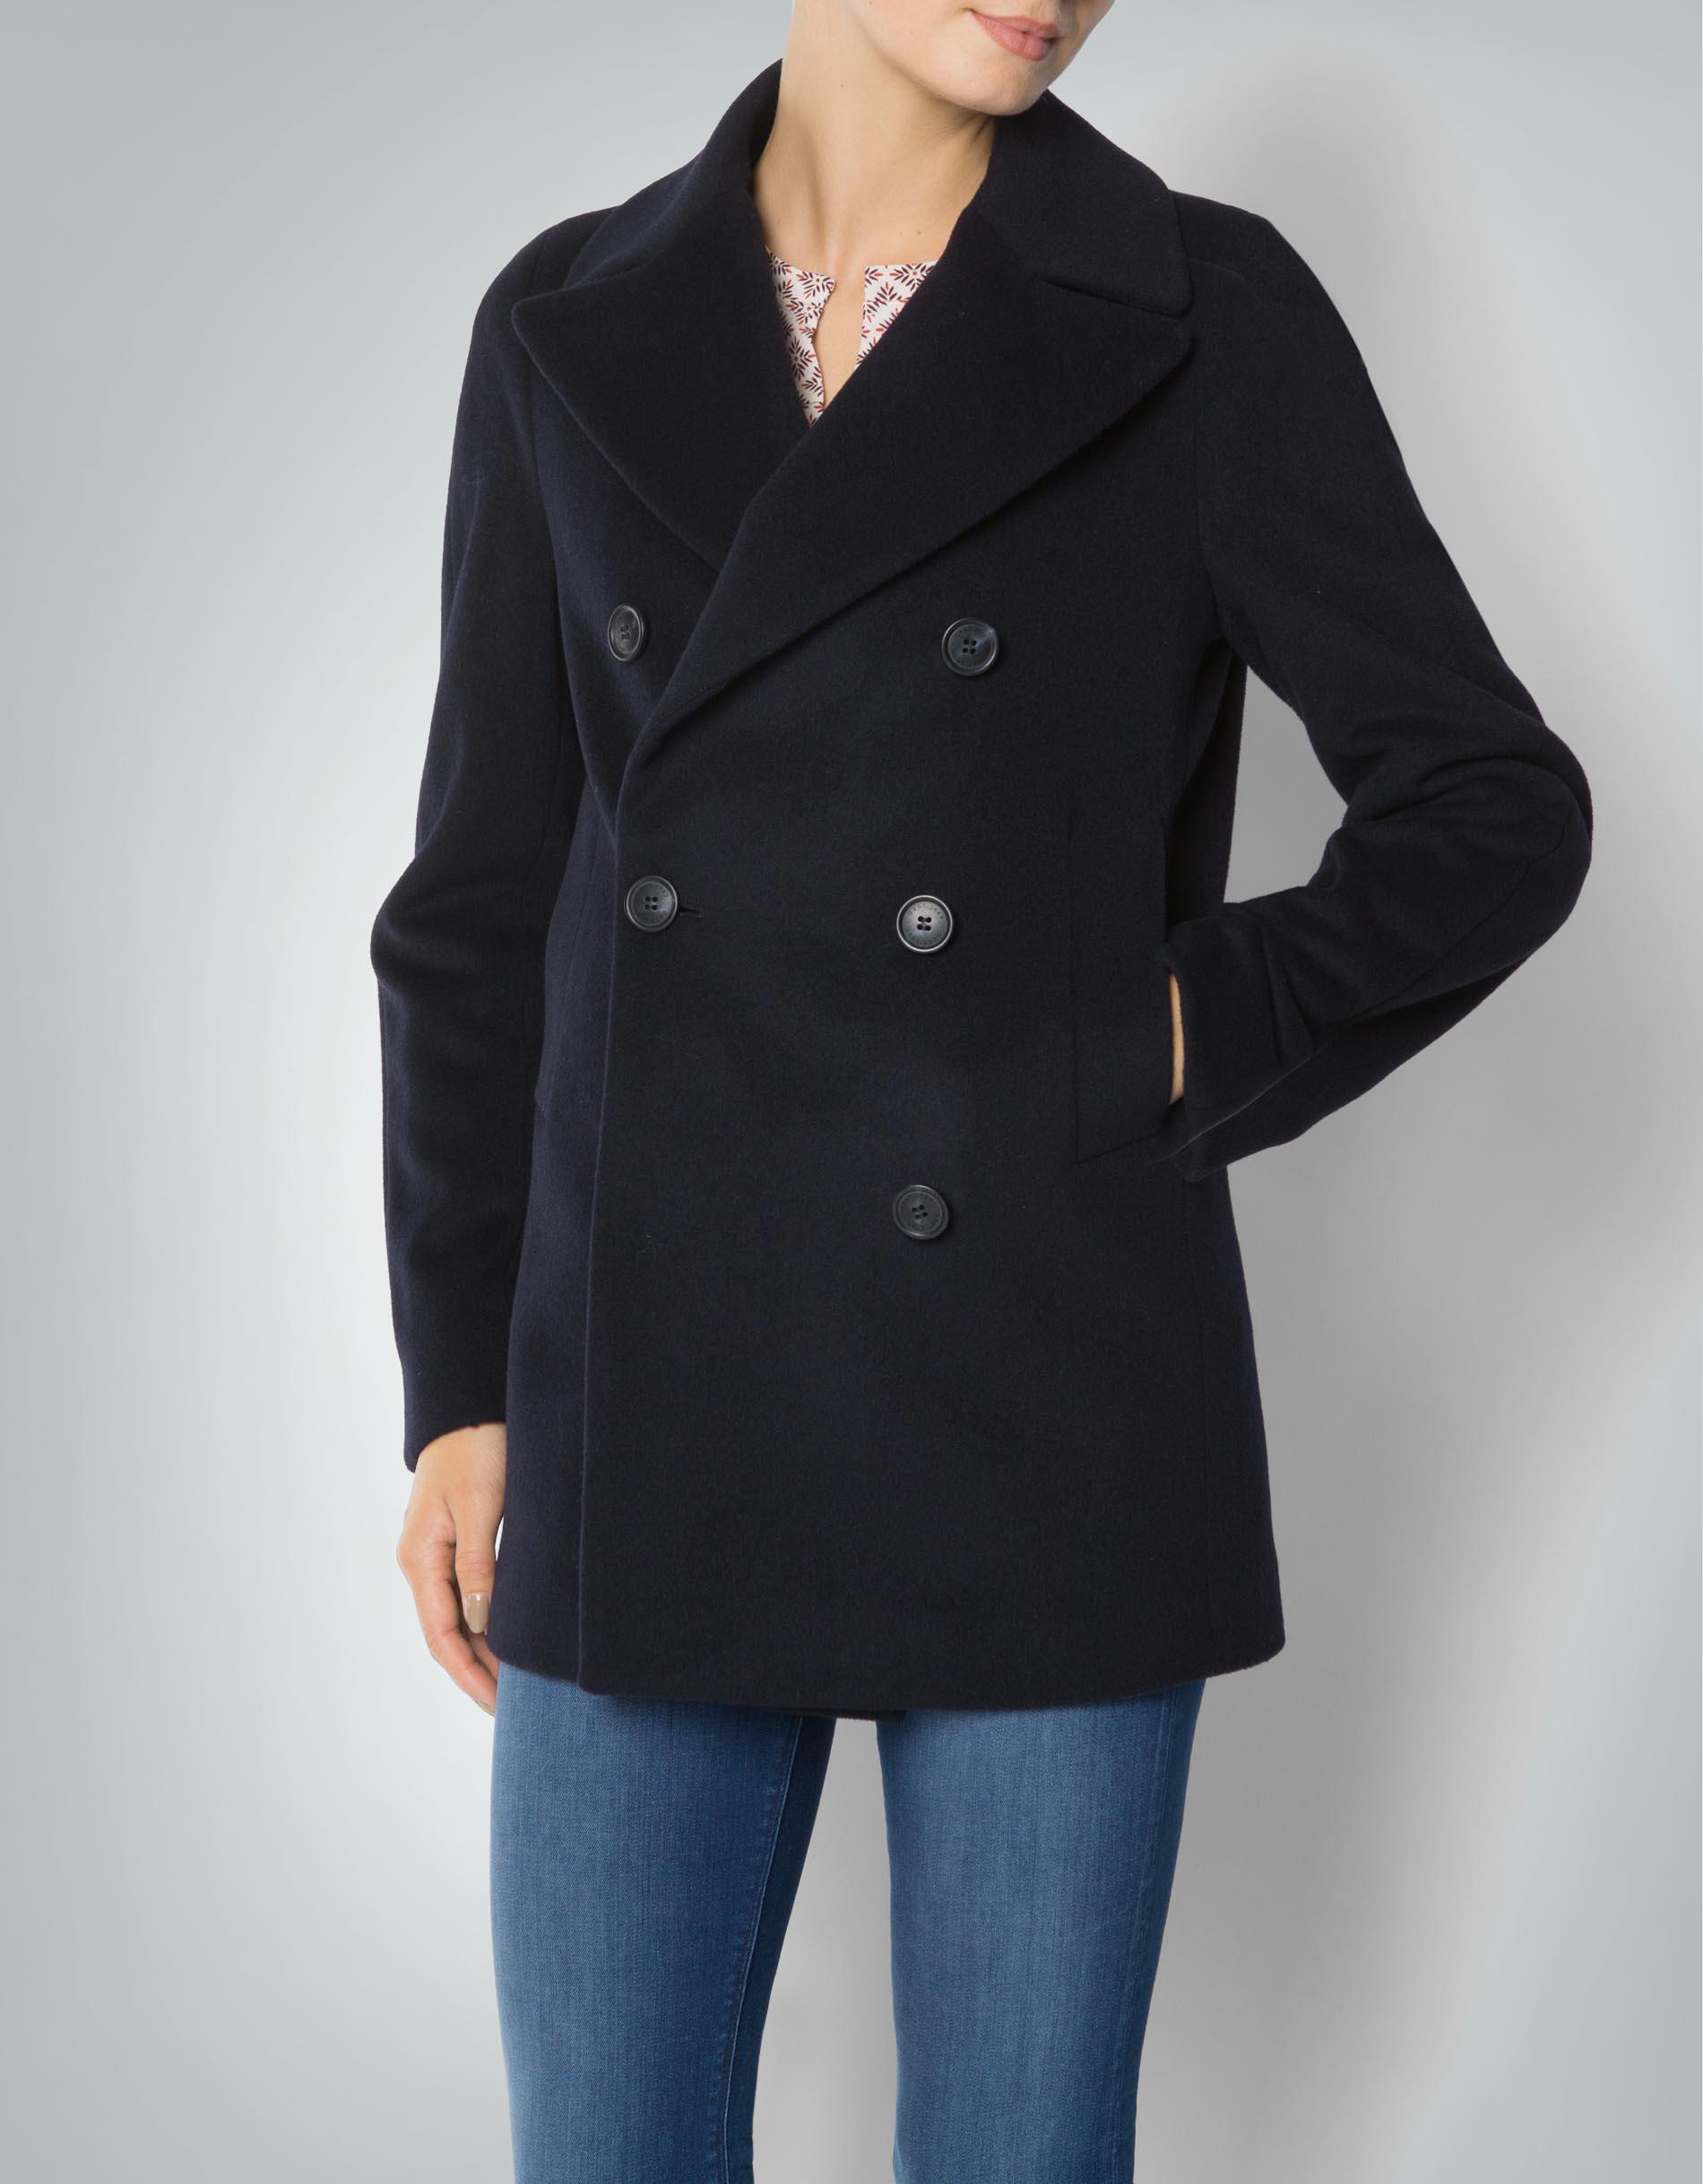 reputable site 4af7f c37b2 Gant Damen Mantel Kurz aus Wolle empfohlen von Deinen Schwestern